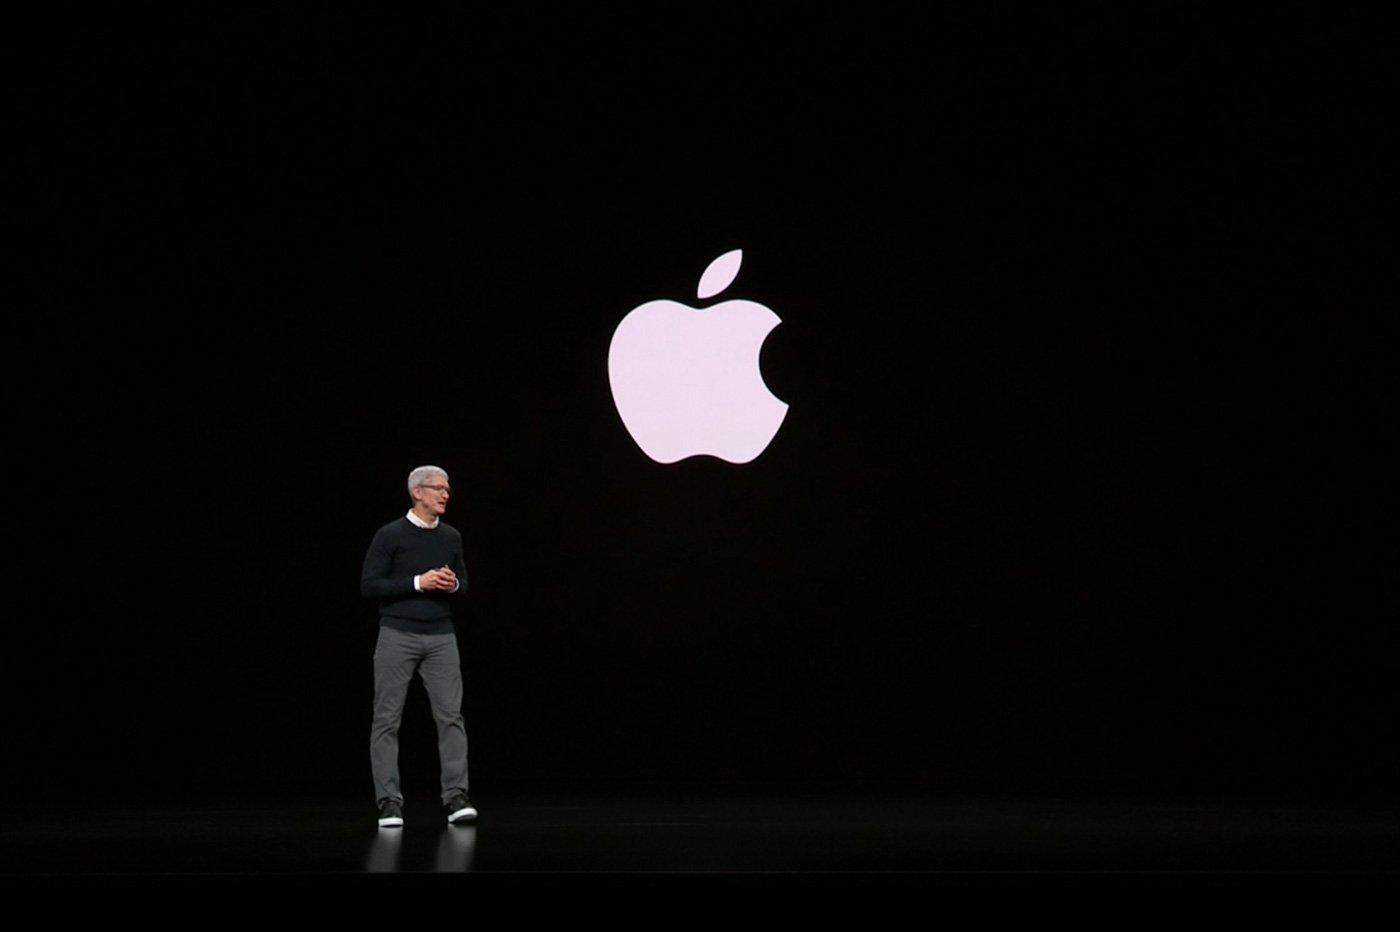 La plus grosse erreur d'Apple est de ne pas avoir racheté Netflix - Presse-citron